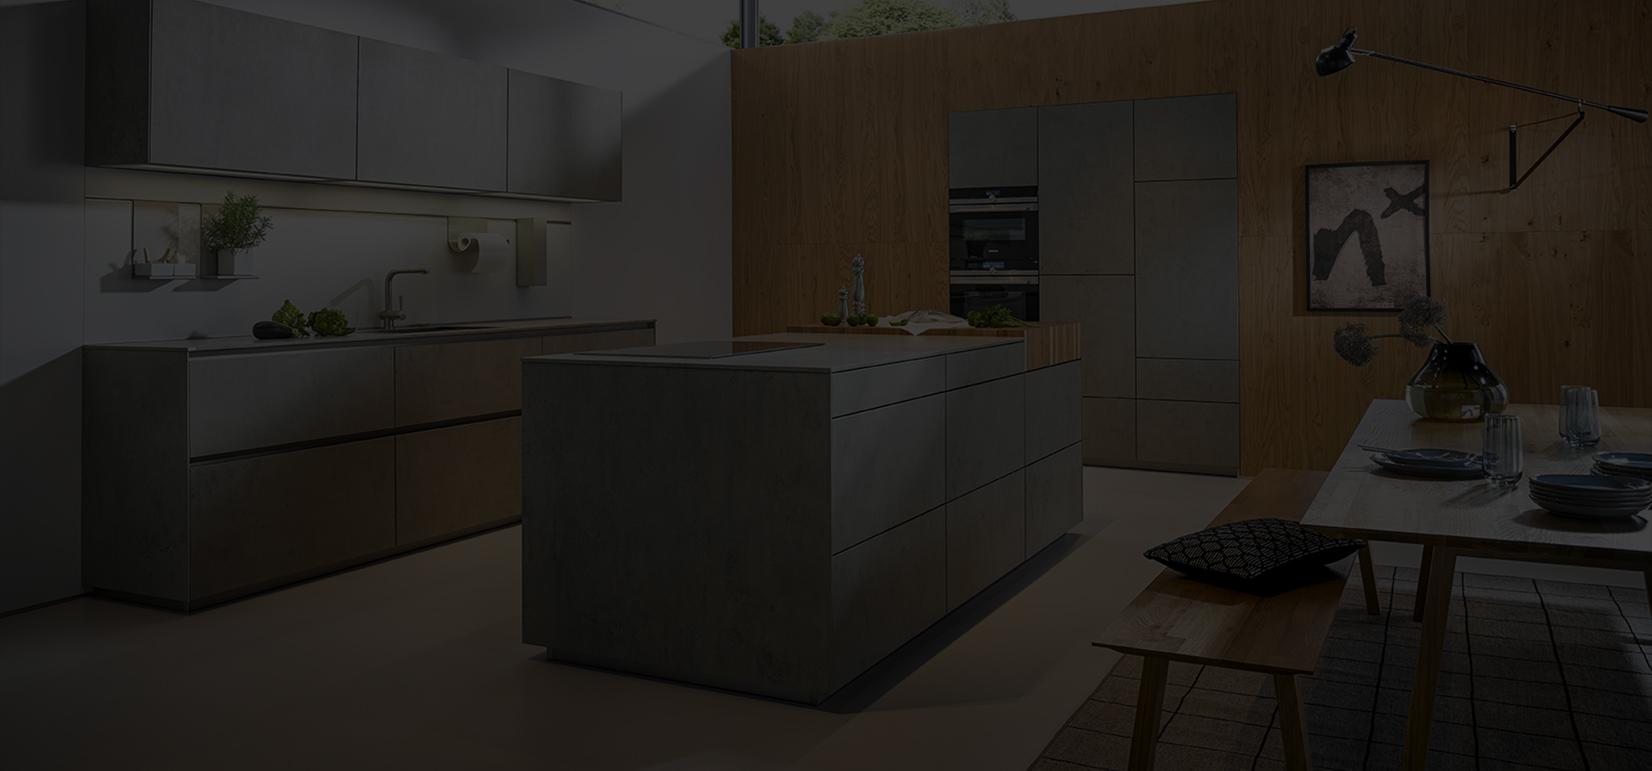 Kitchen Design York kitchen design & installation service | studio 35 york | home